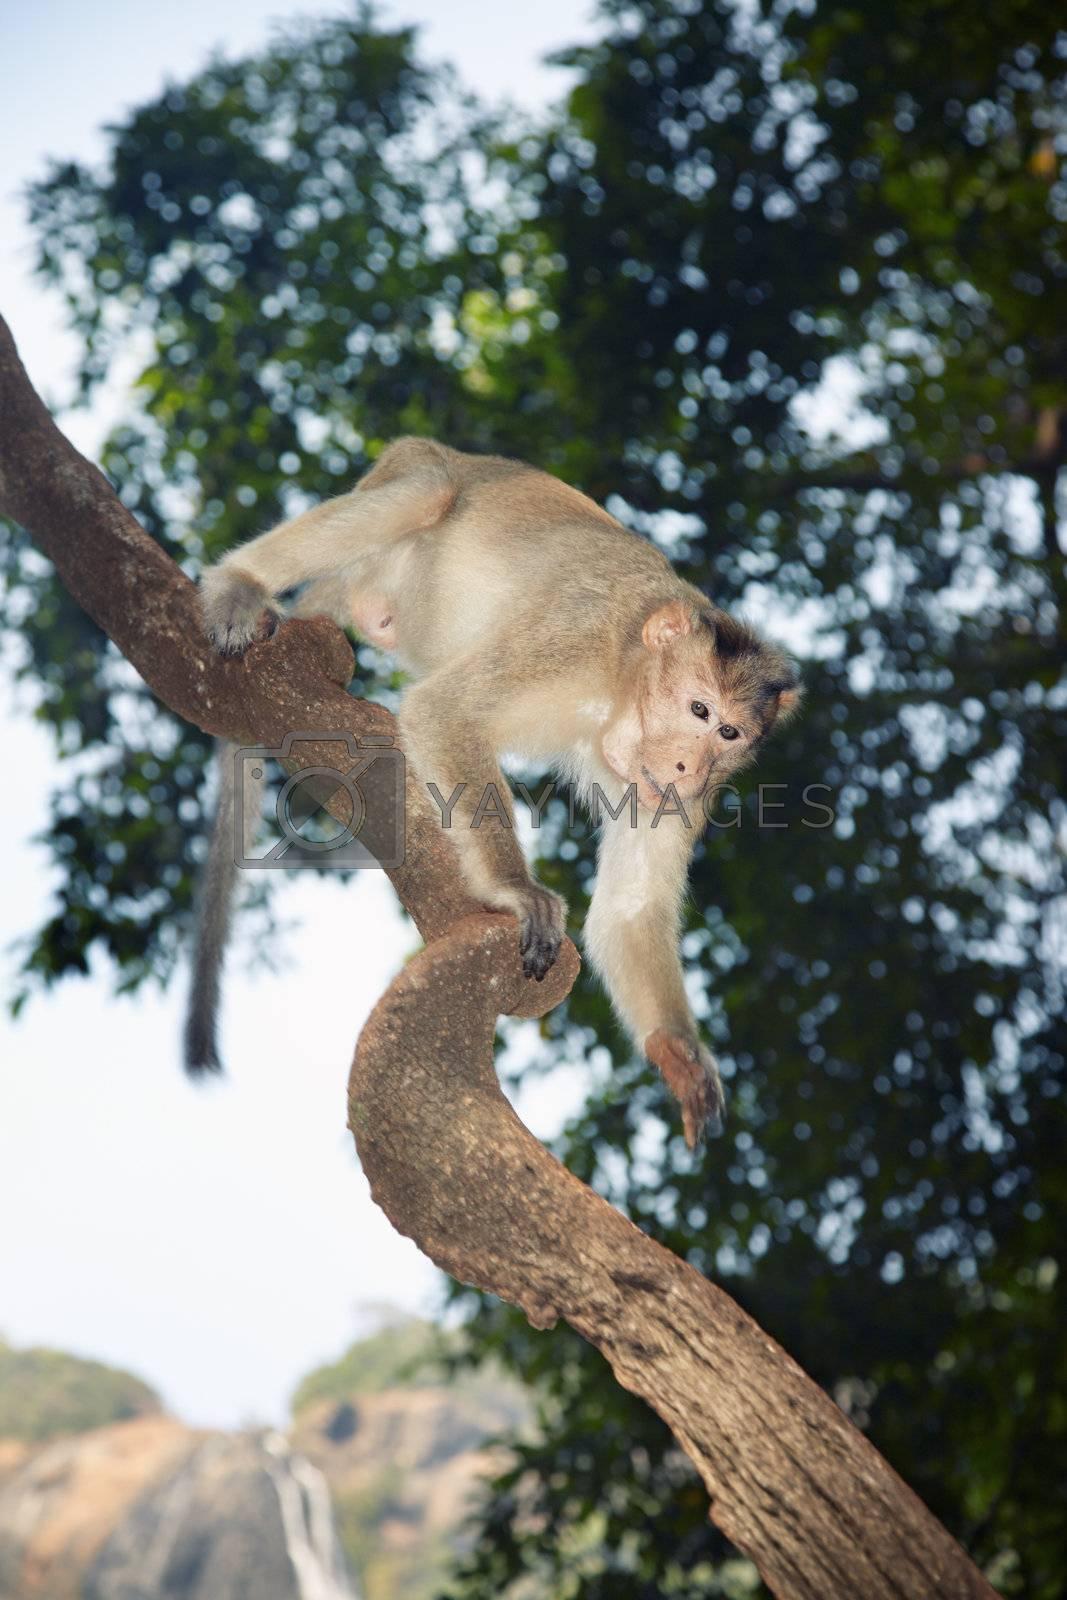 Wild monkey scrambling in jungles. Close-up vertical photo